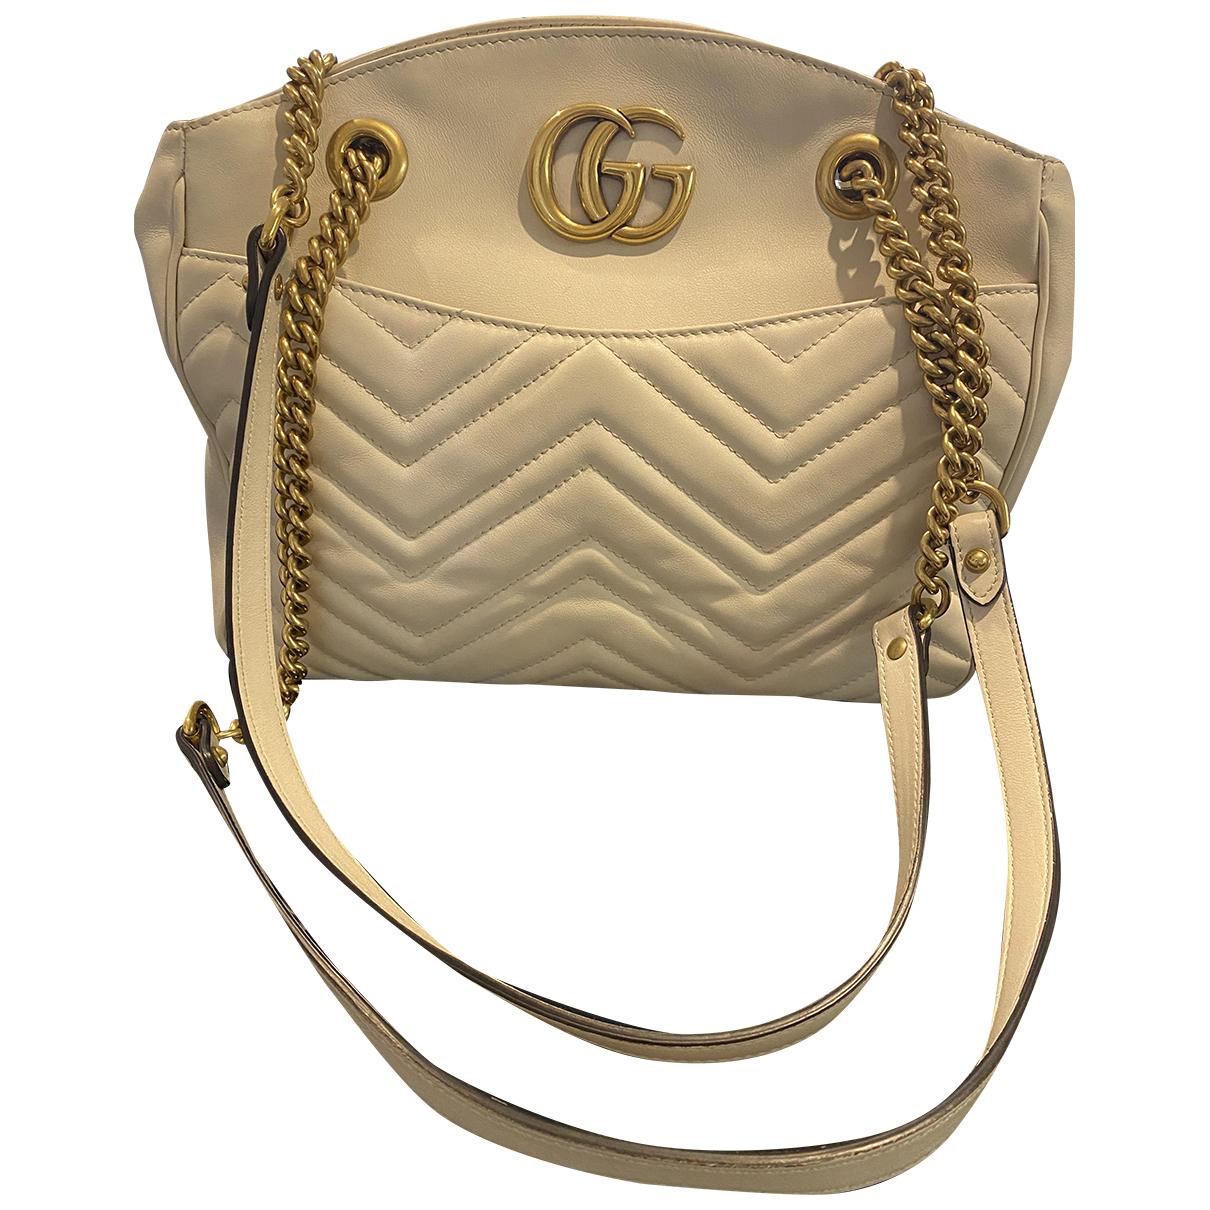 Gucci Marmont Handtasche in  Beige Leder